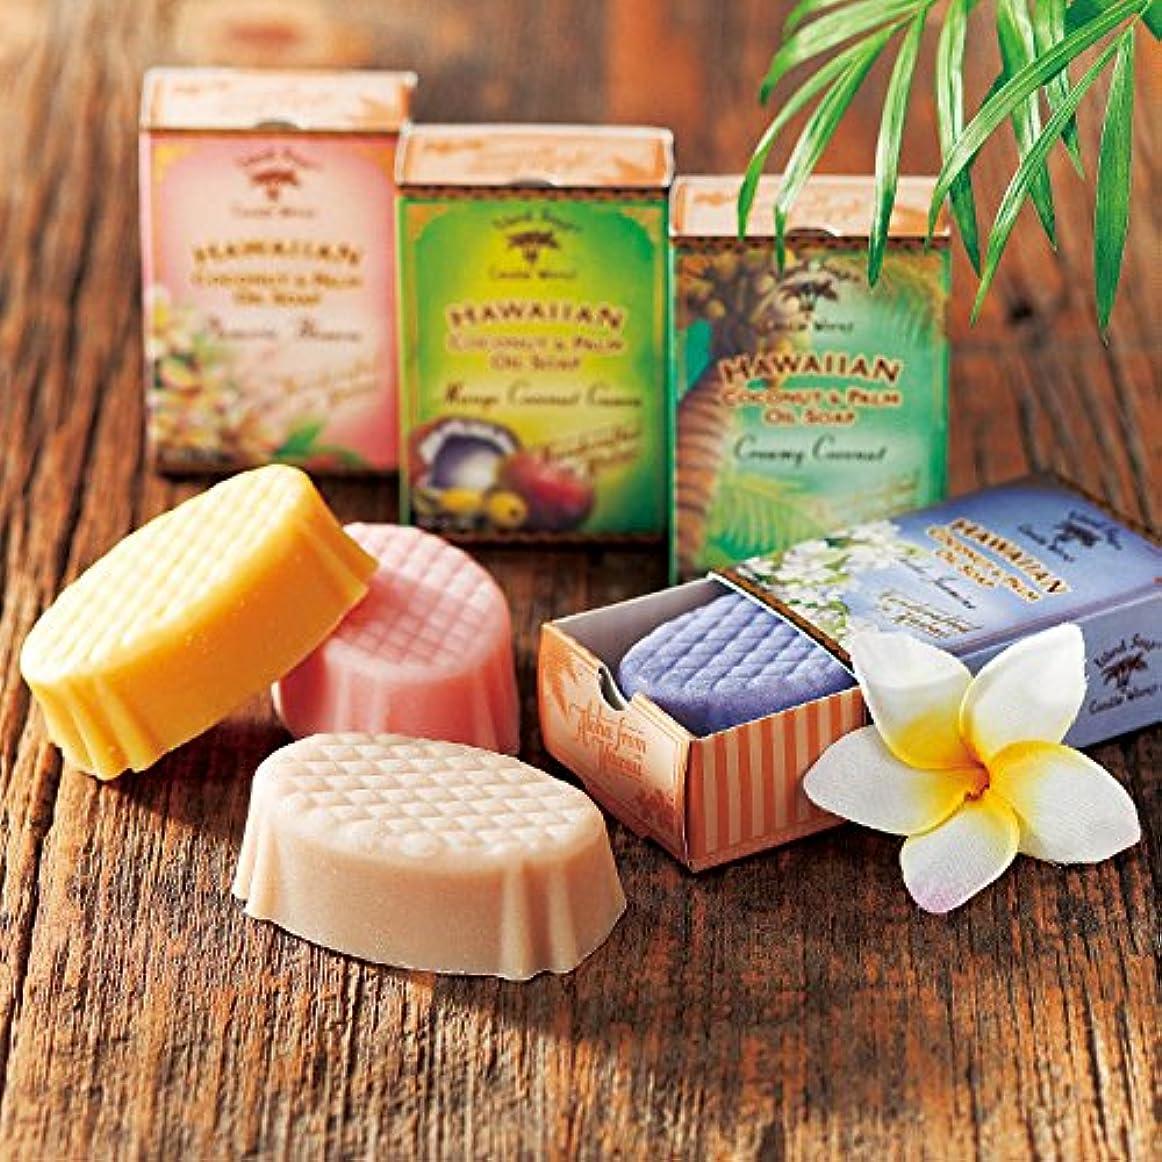 ゲージ購入徒歩でハワイ 土産 アイランドソープ ココナッツソープ 4種セット (海外旅行 ハワイ お土産)